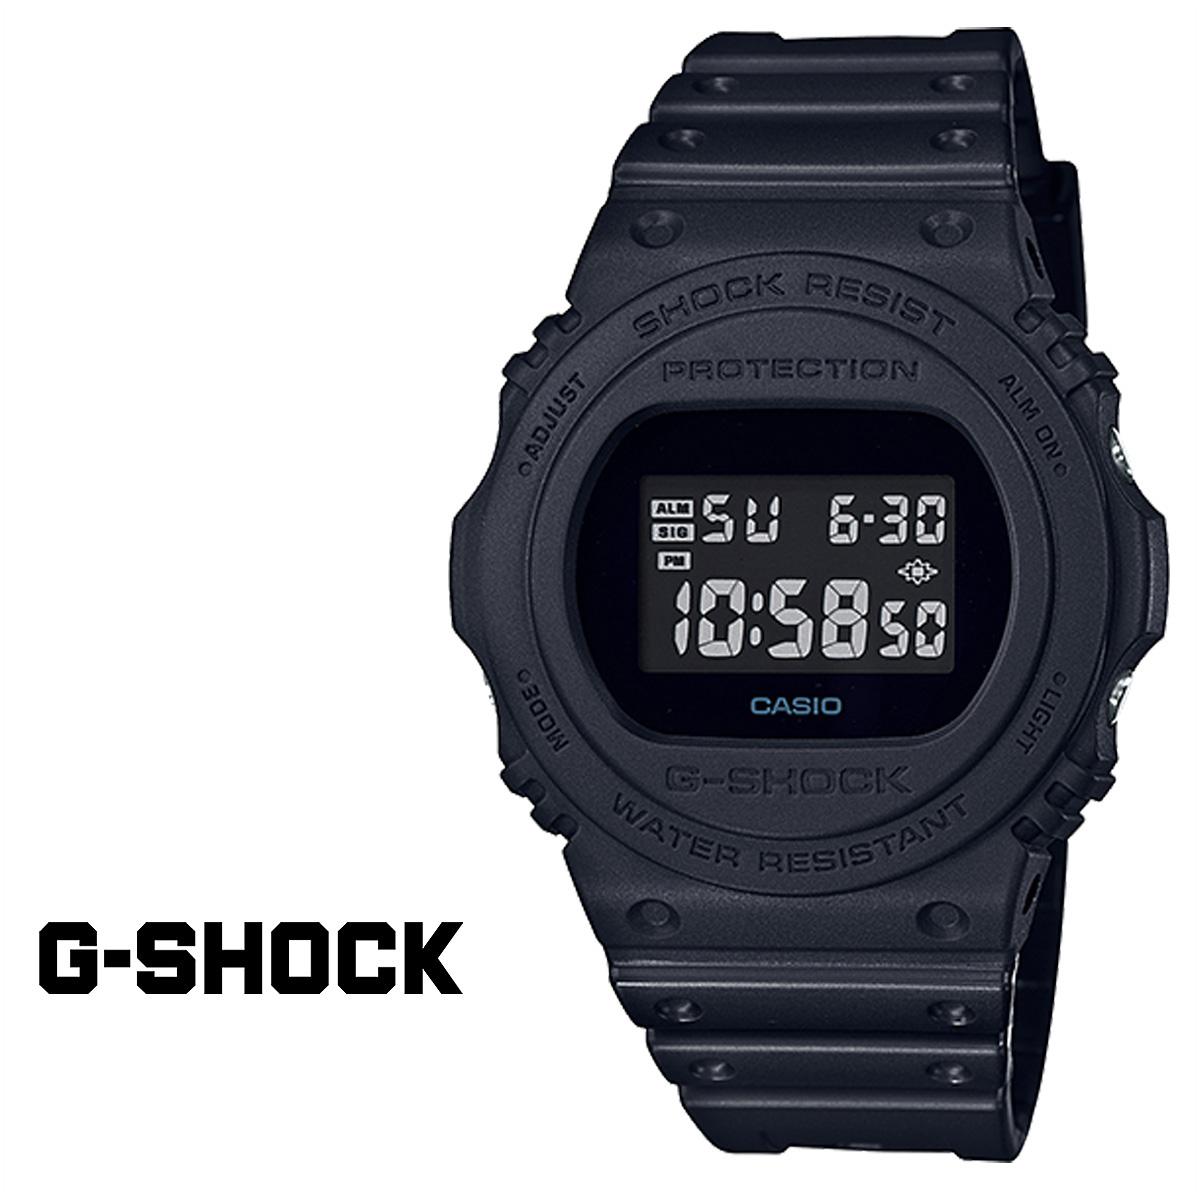 CASIO カシオ G-SHOCK 腕時計 DW-5750E-1BJF Gショック G-ショック ブラック 黒 メンズ レディース